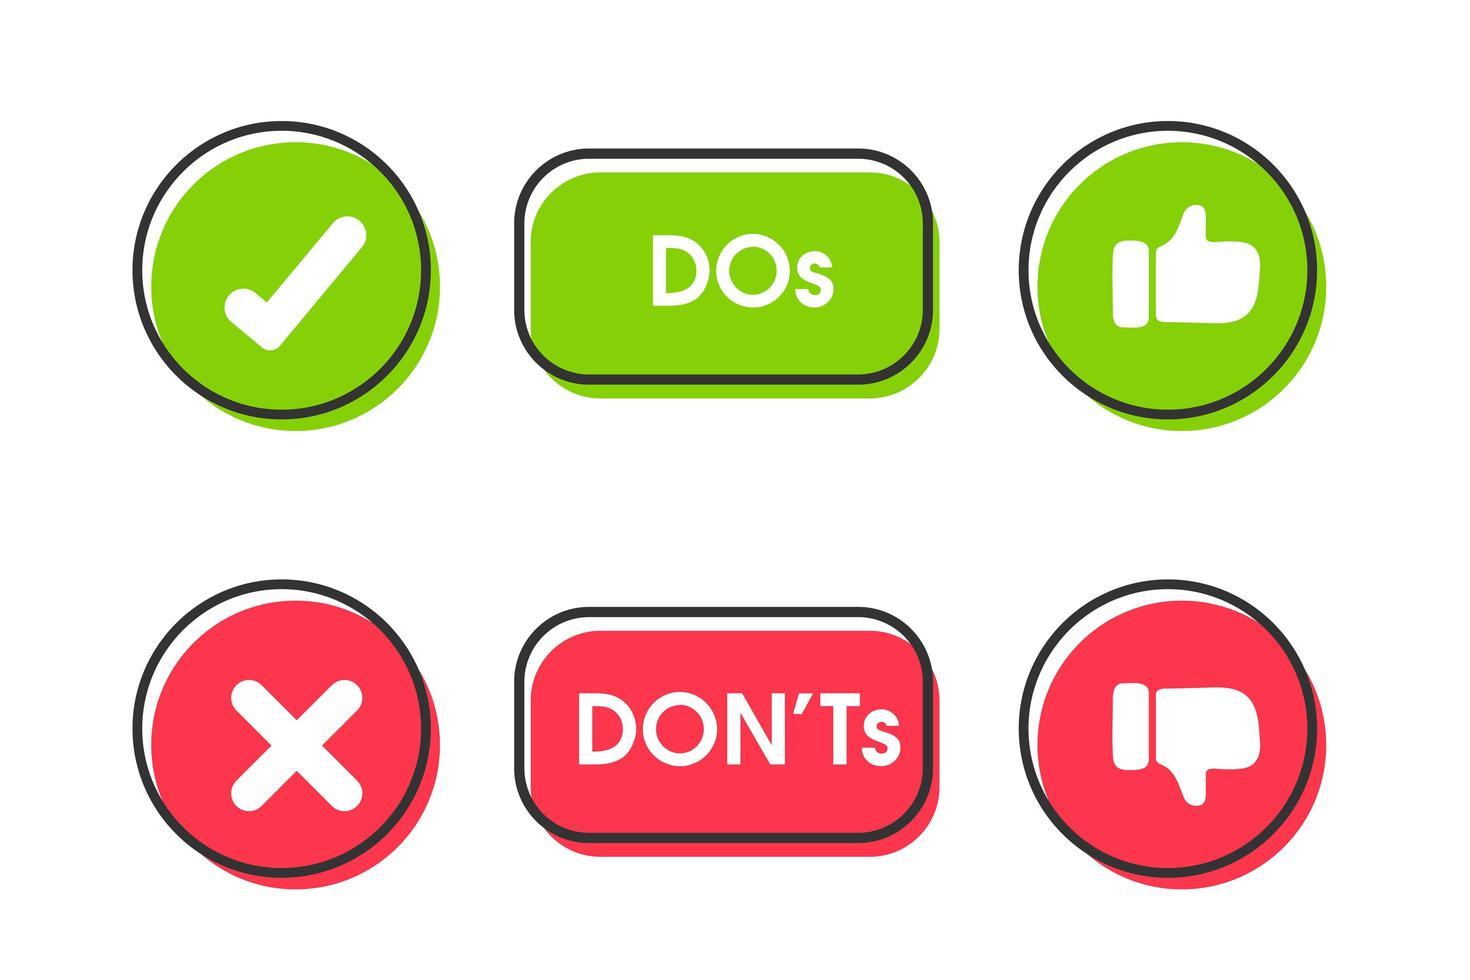 fazer e não gostar e não gostar de conjunto de ícones vetor